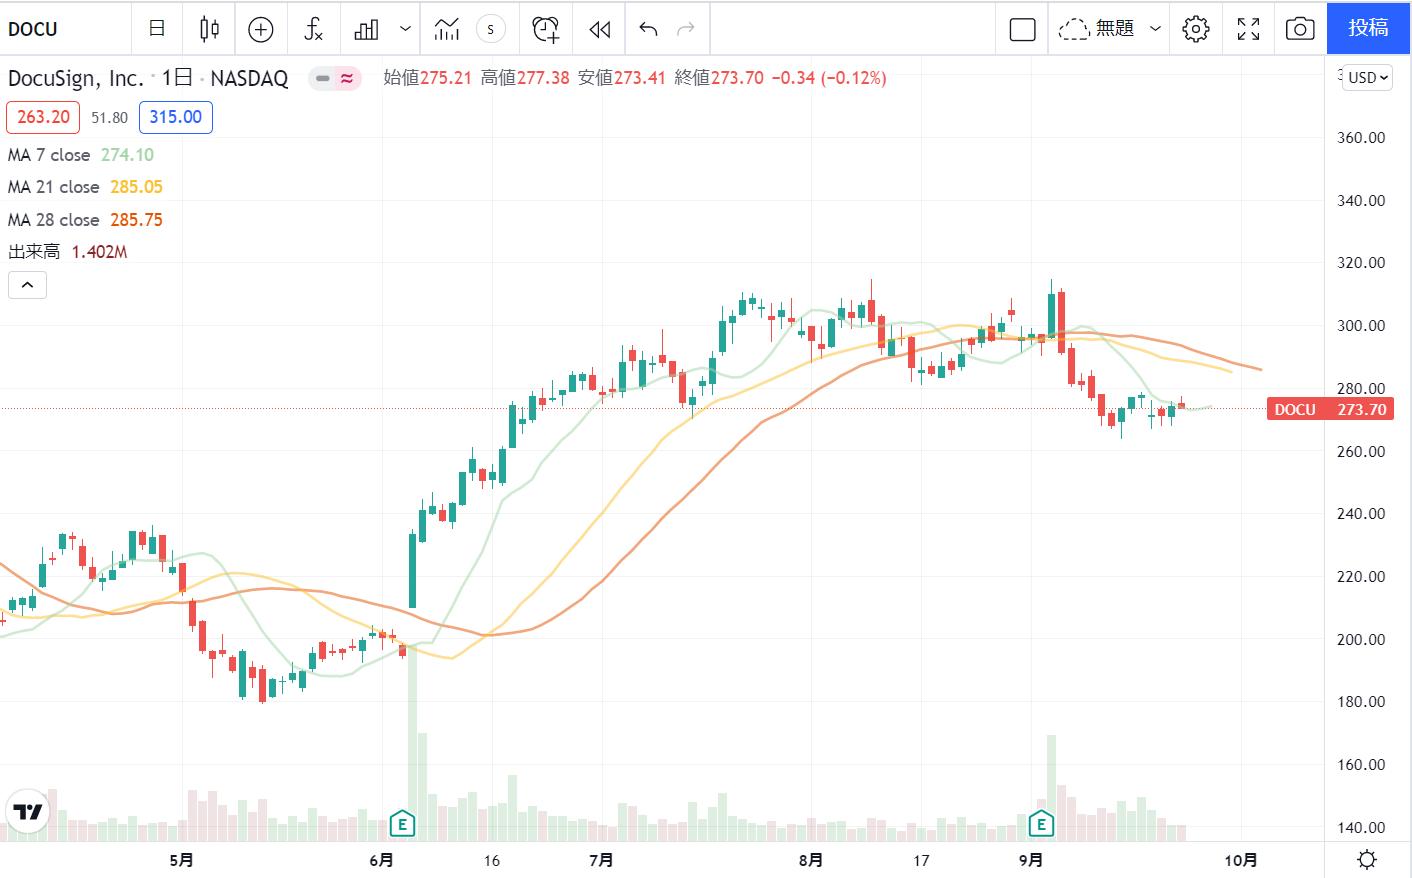 ドキュサインDocuSignDOCUの株価チャート(日足)